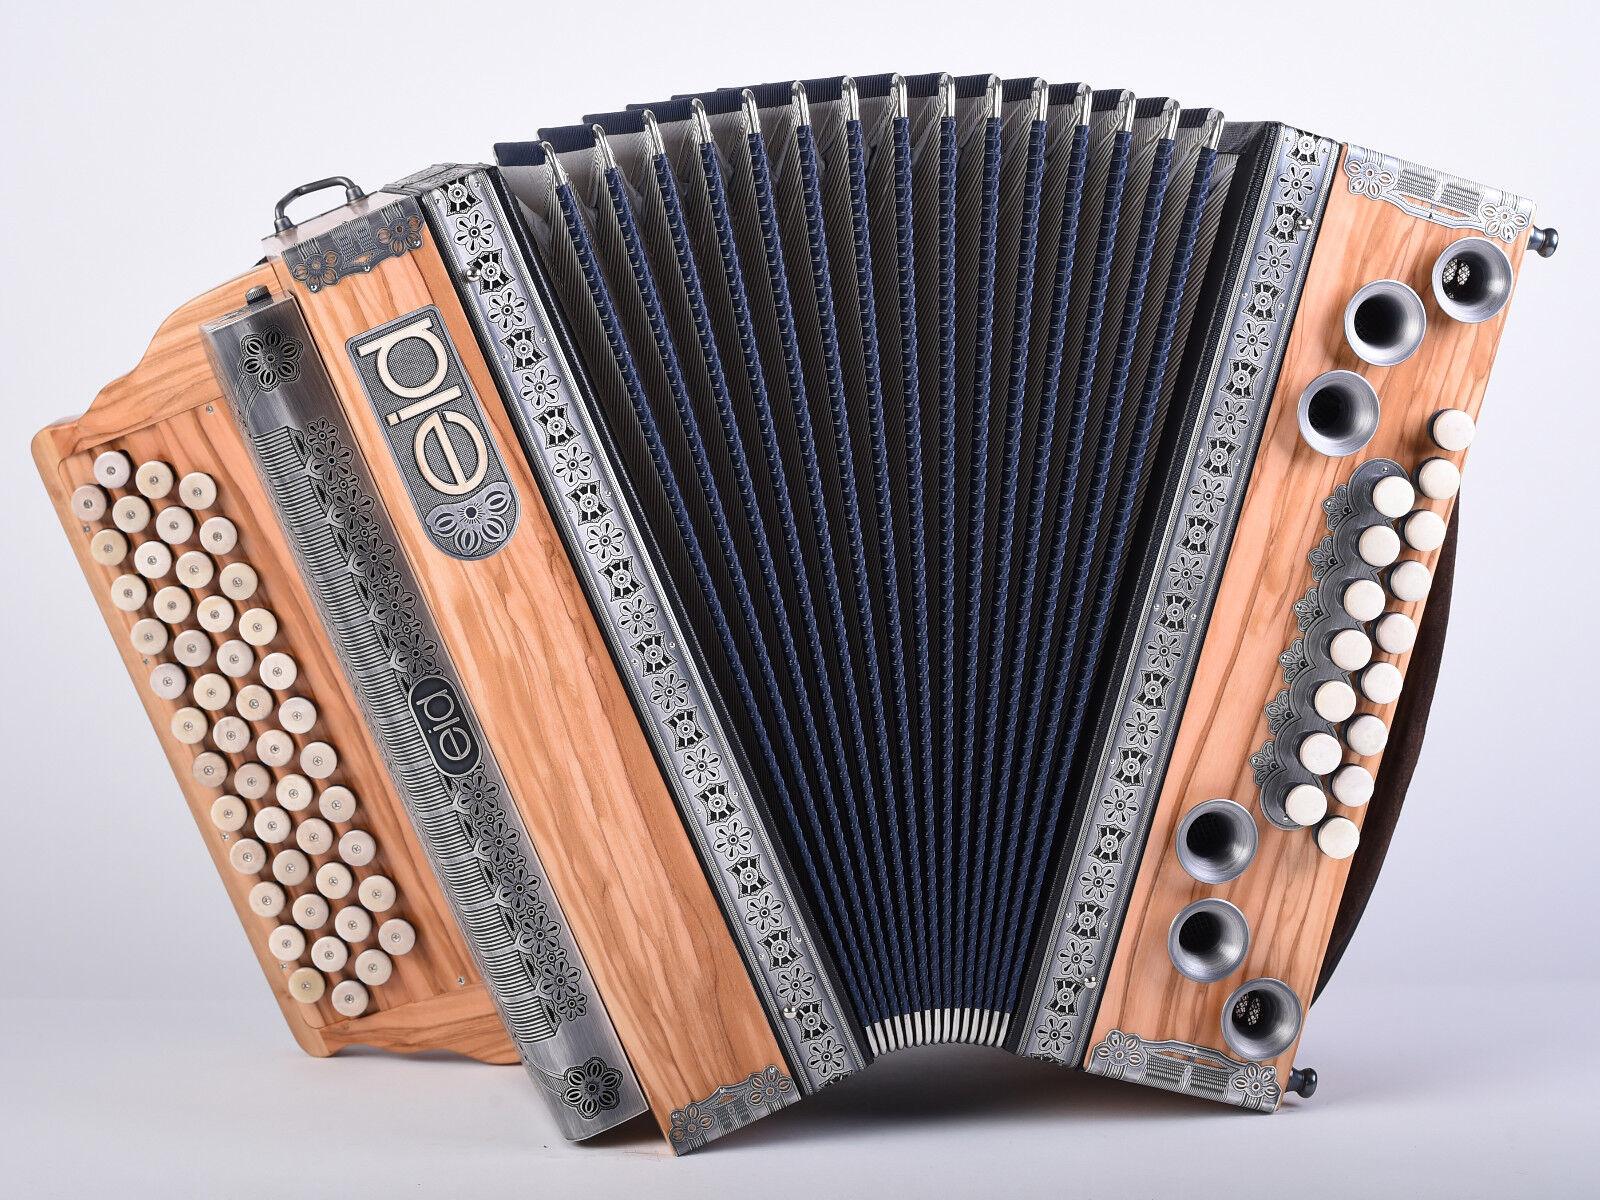 Mieten - Steirische Harmonika  EID   -  Donautal -  Edelolive G-C-F-B 36iger